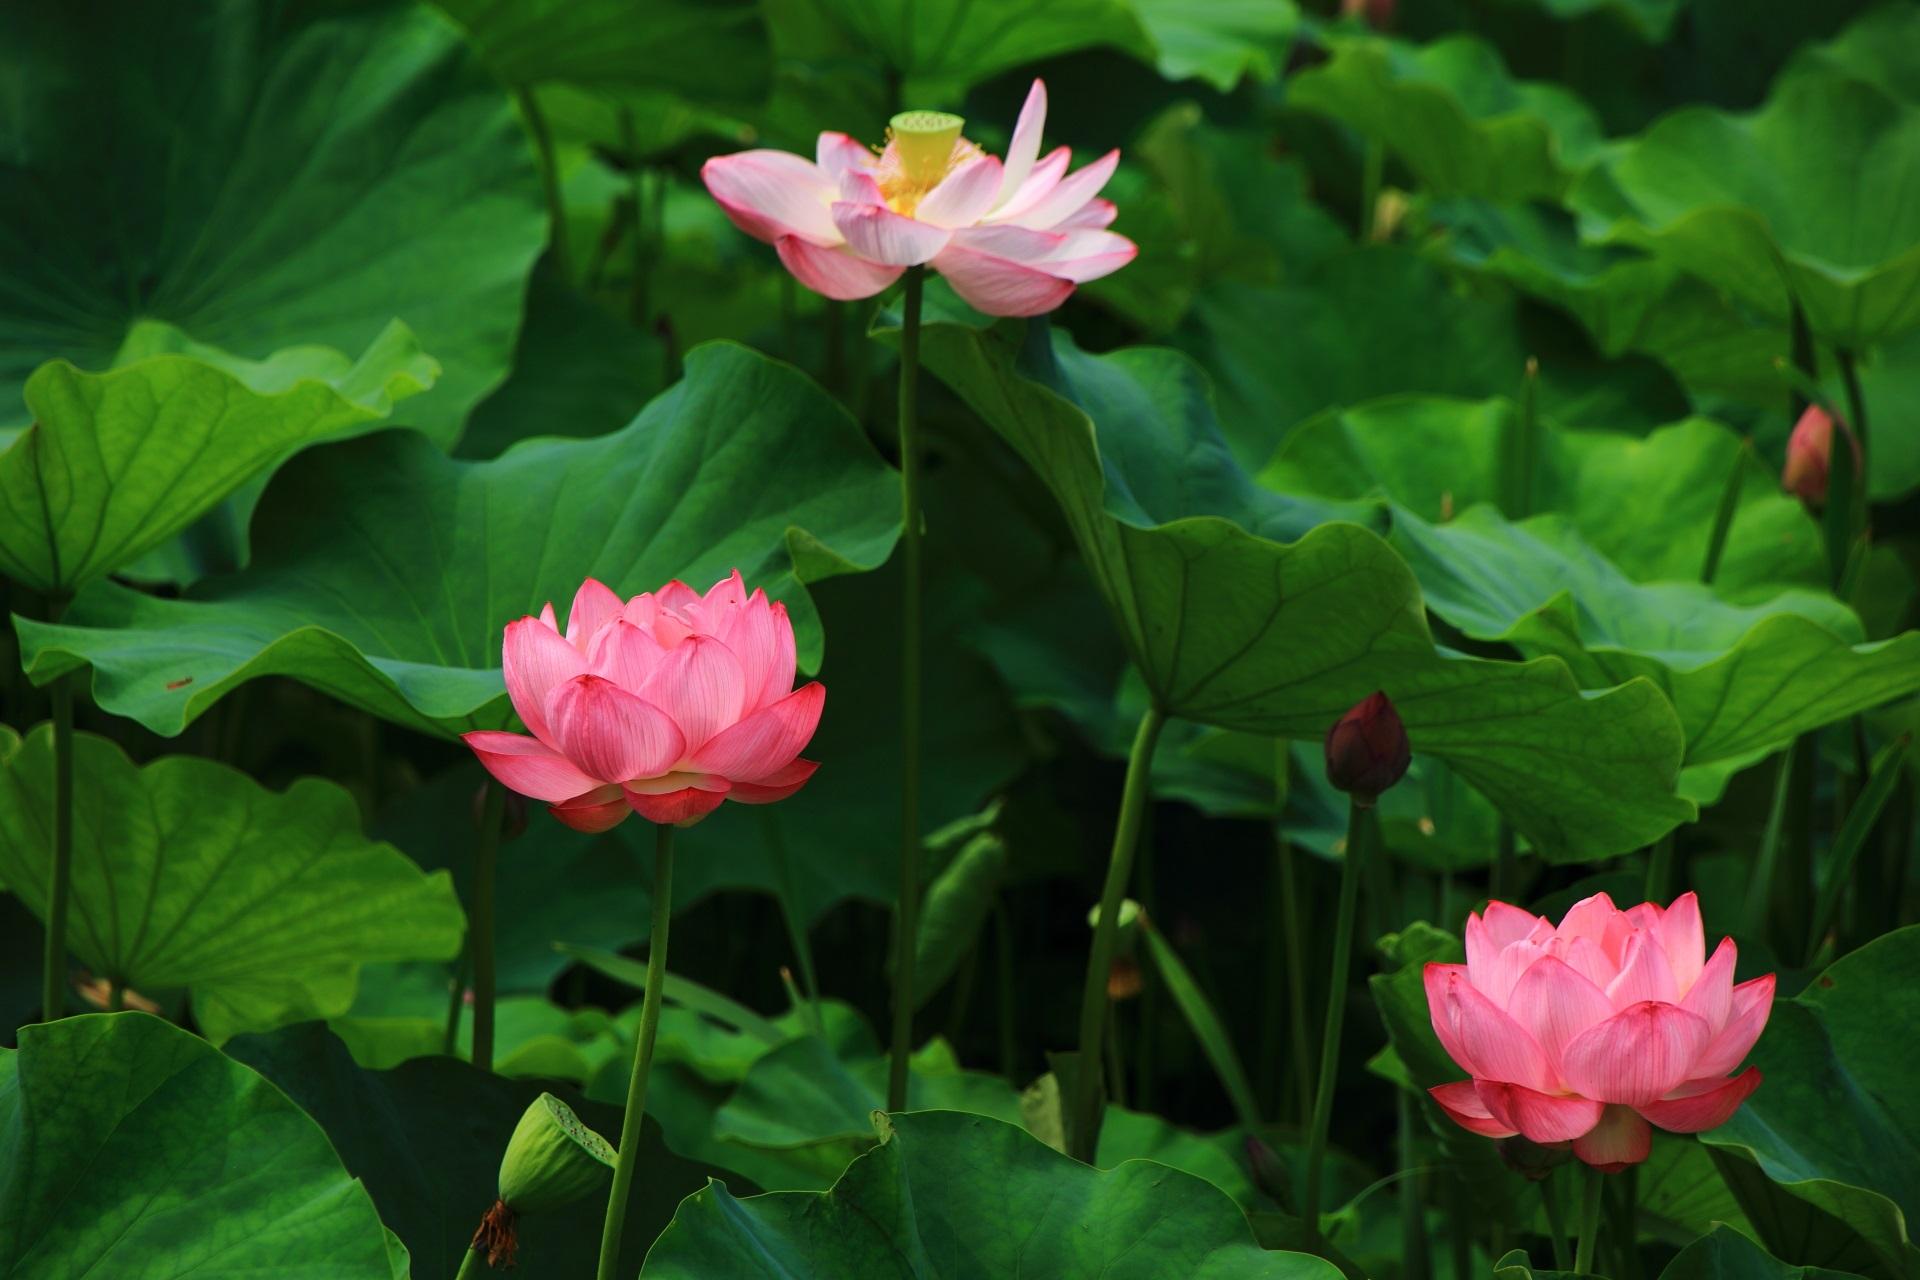 何となくふわふわして飛びそうな蓮の花